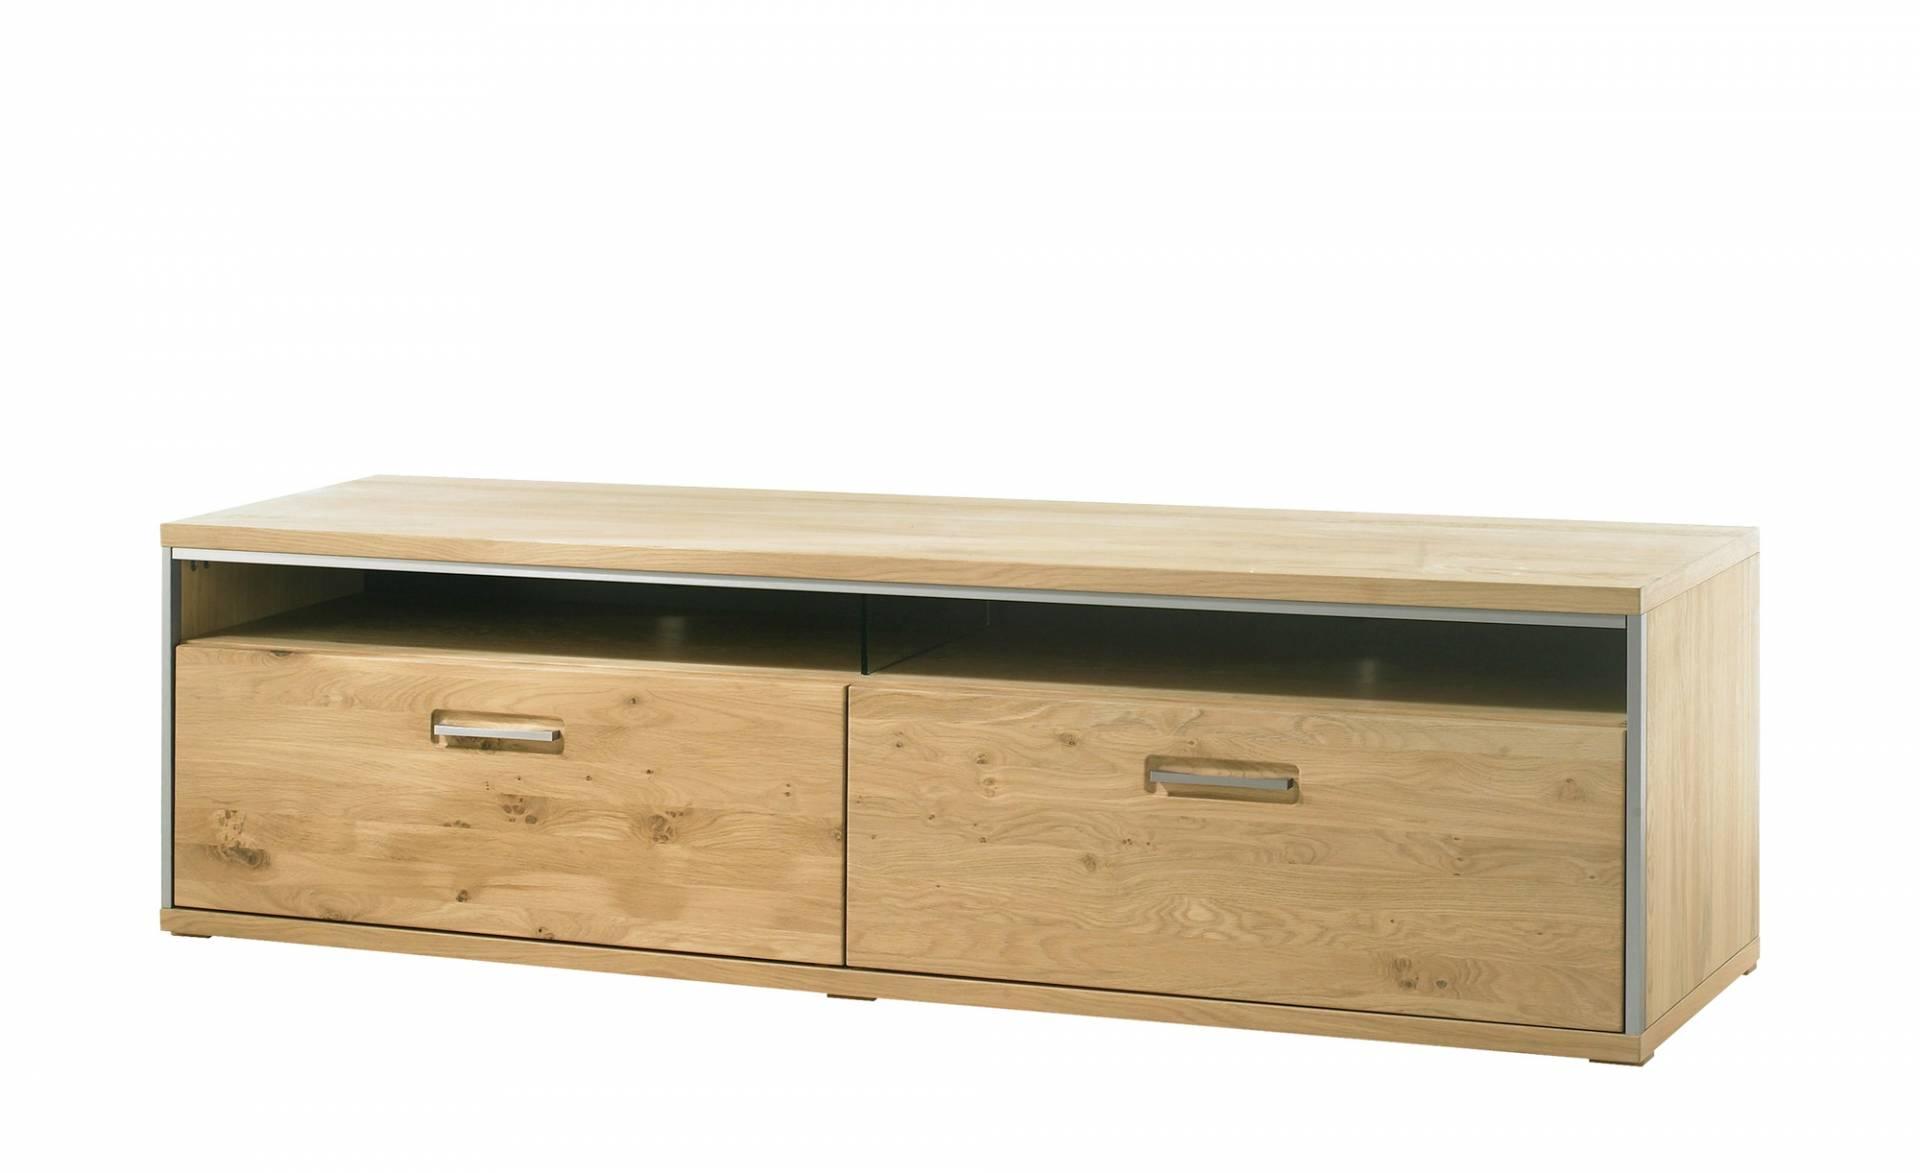 garderoben und weitere m bel f r schlafzimmer bei m bel h ffner online kaufen bei m bel garten. Black Bedroom Furniture Sets. Home Design Ideas